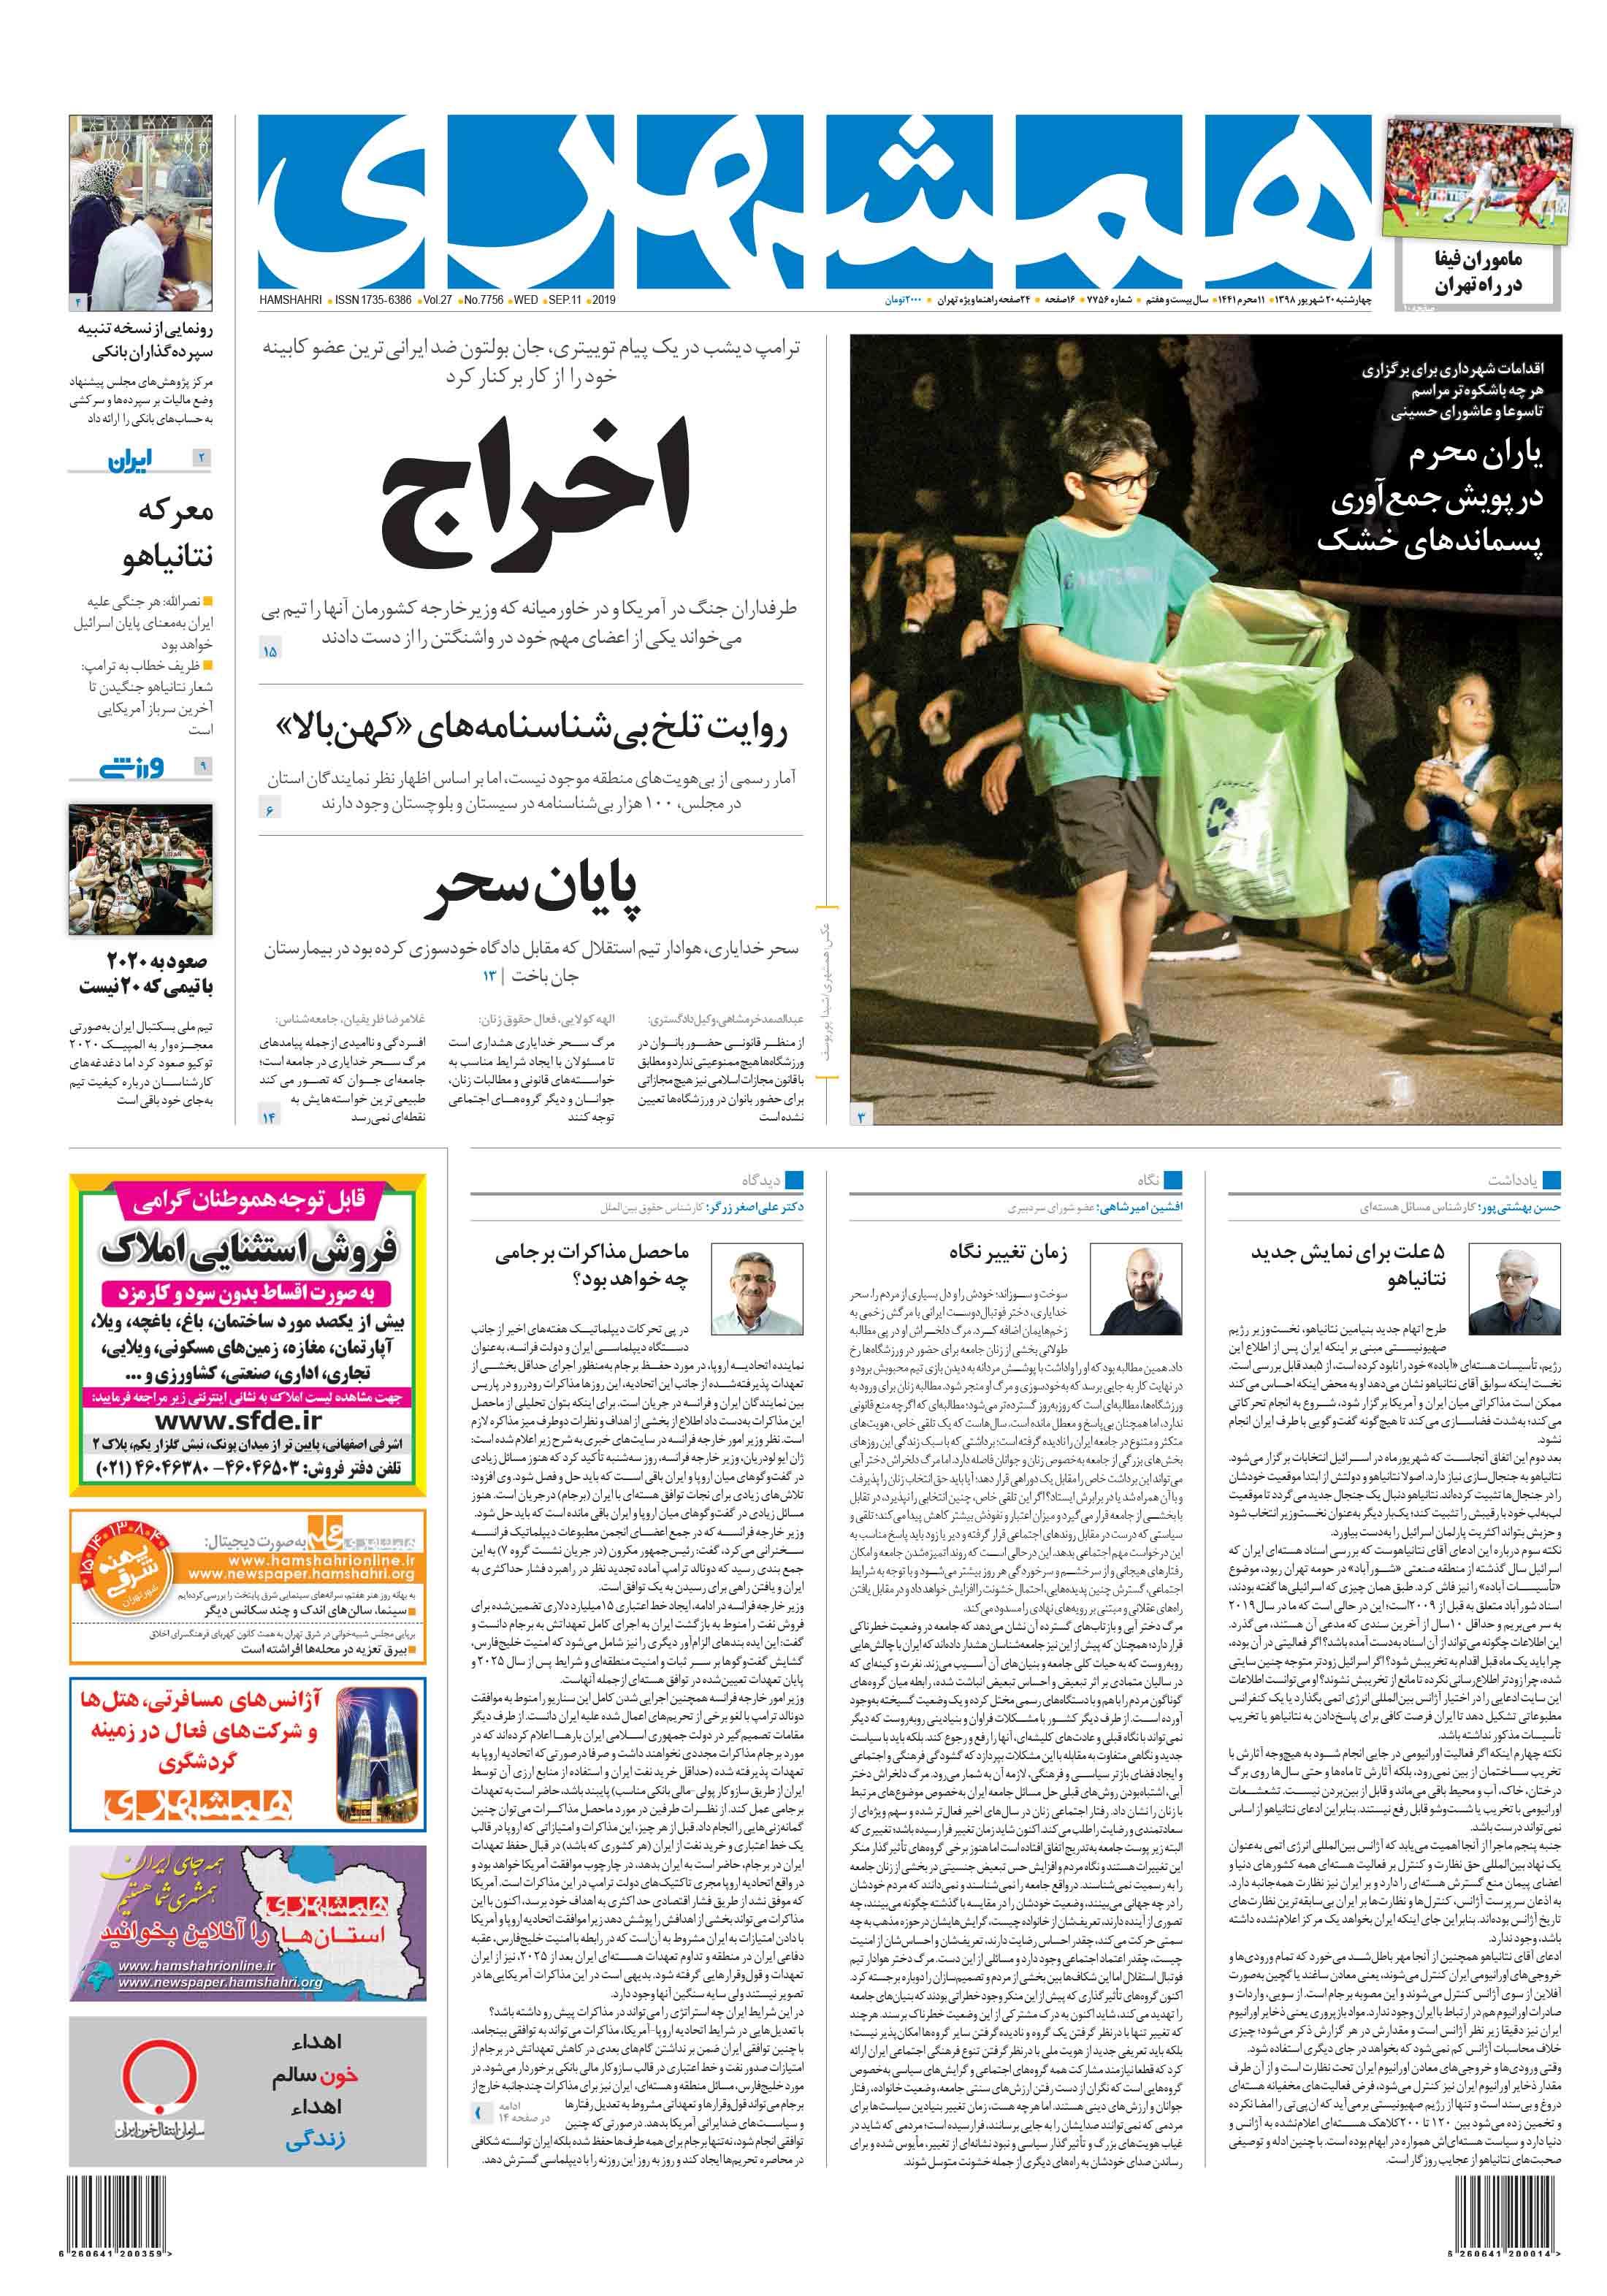 صفحه اول چهارشنبه 20 شهریور 1398